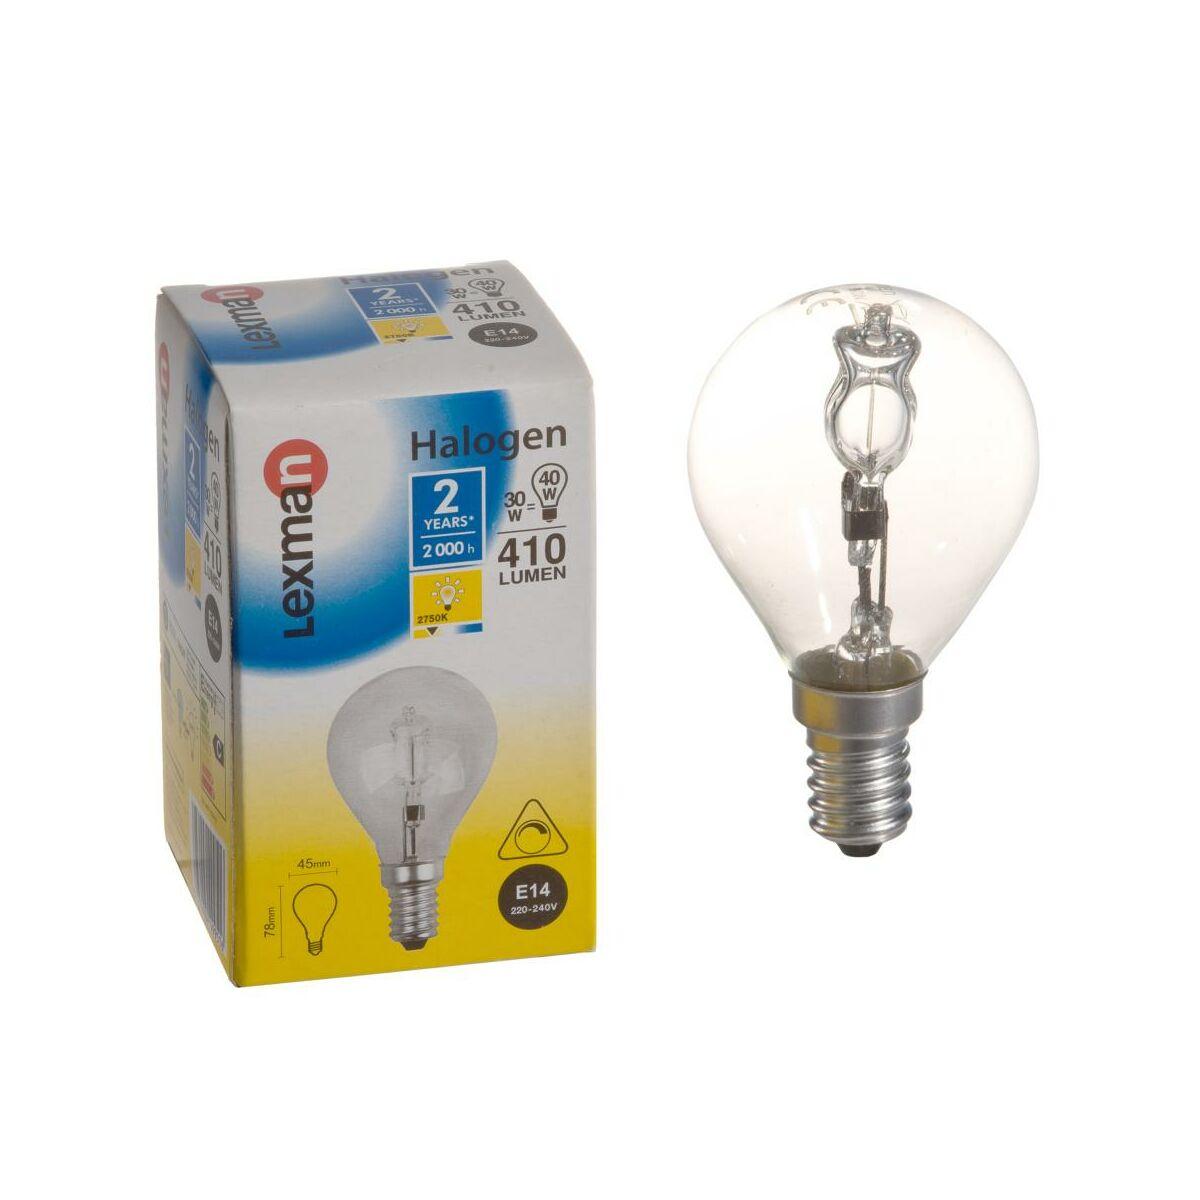 Halogen e14 410 lm halogeny w atrakcyjnej cenie w for Leroy merlin lampadine led e14